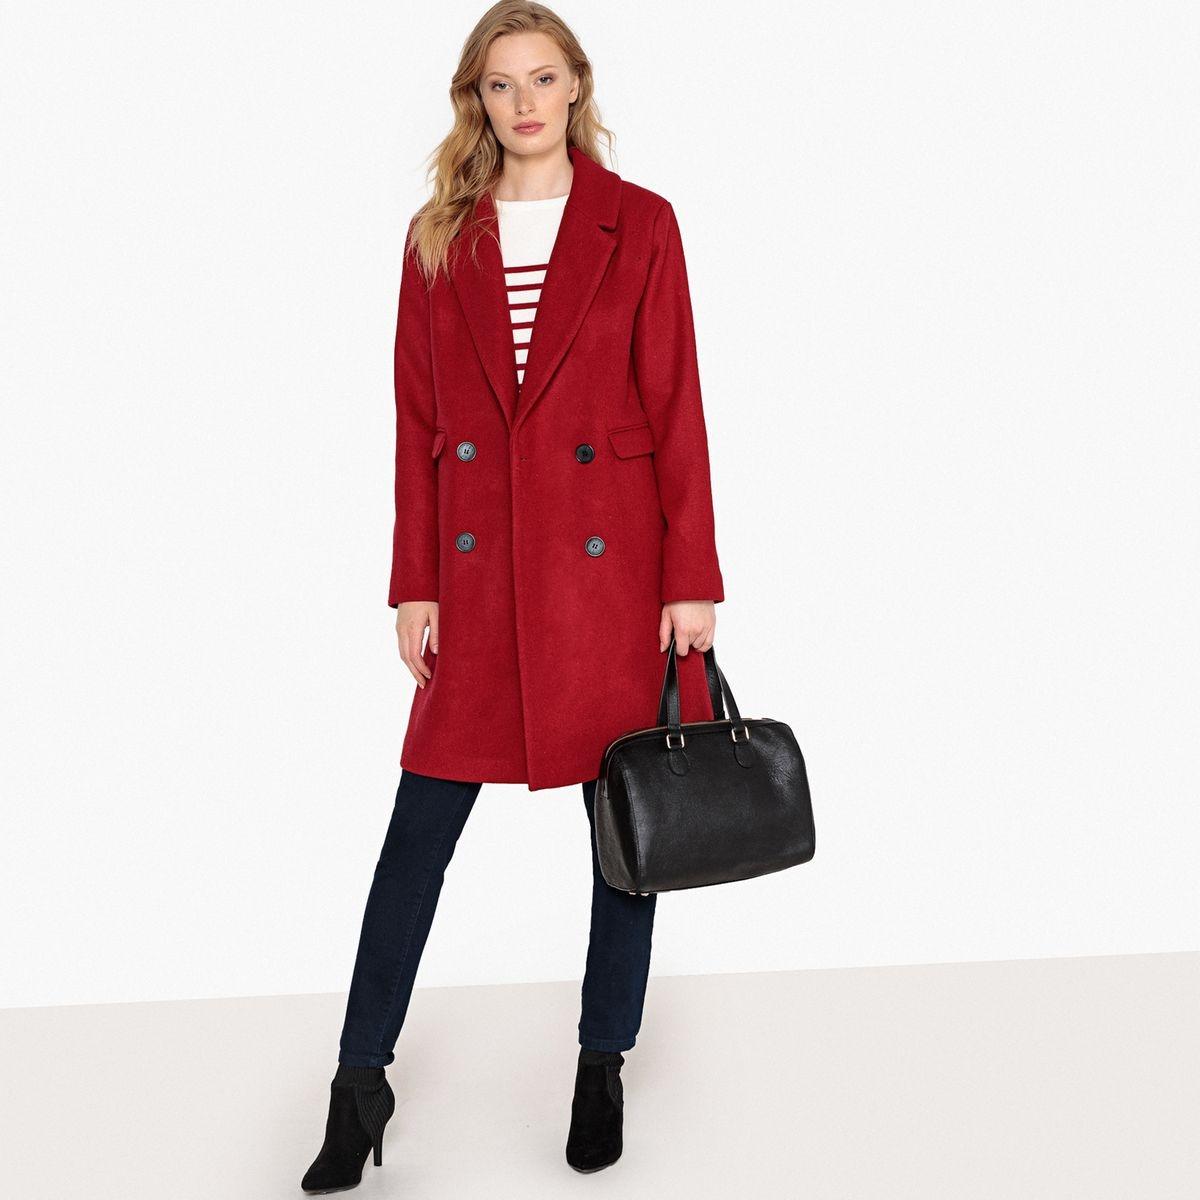 Manteau masculin mi-long en laine mélangée